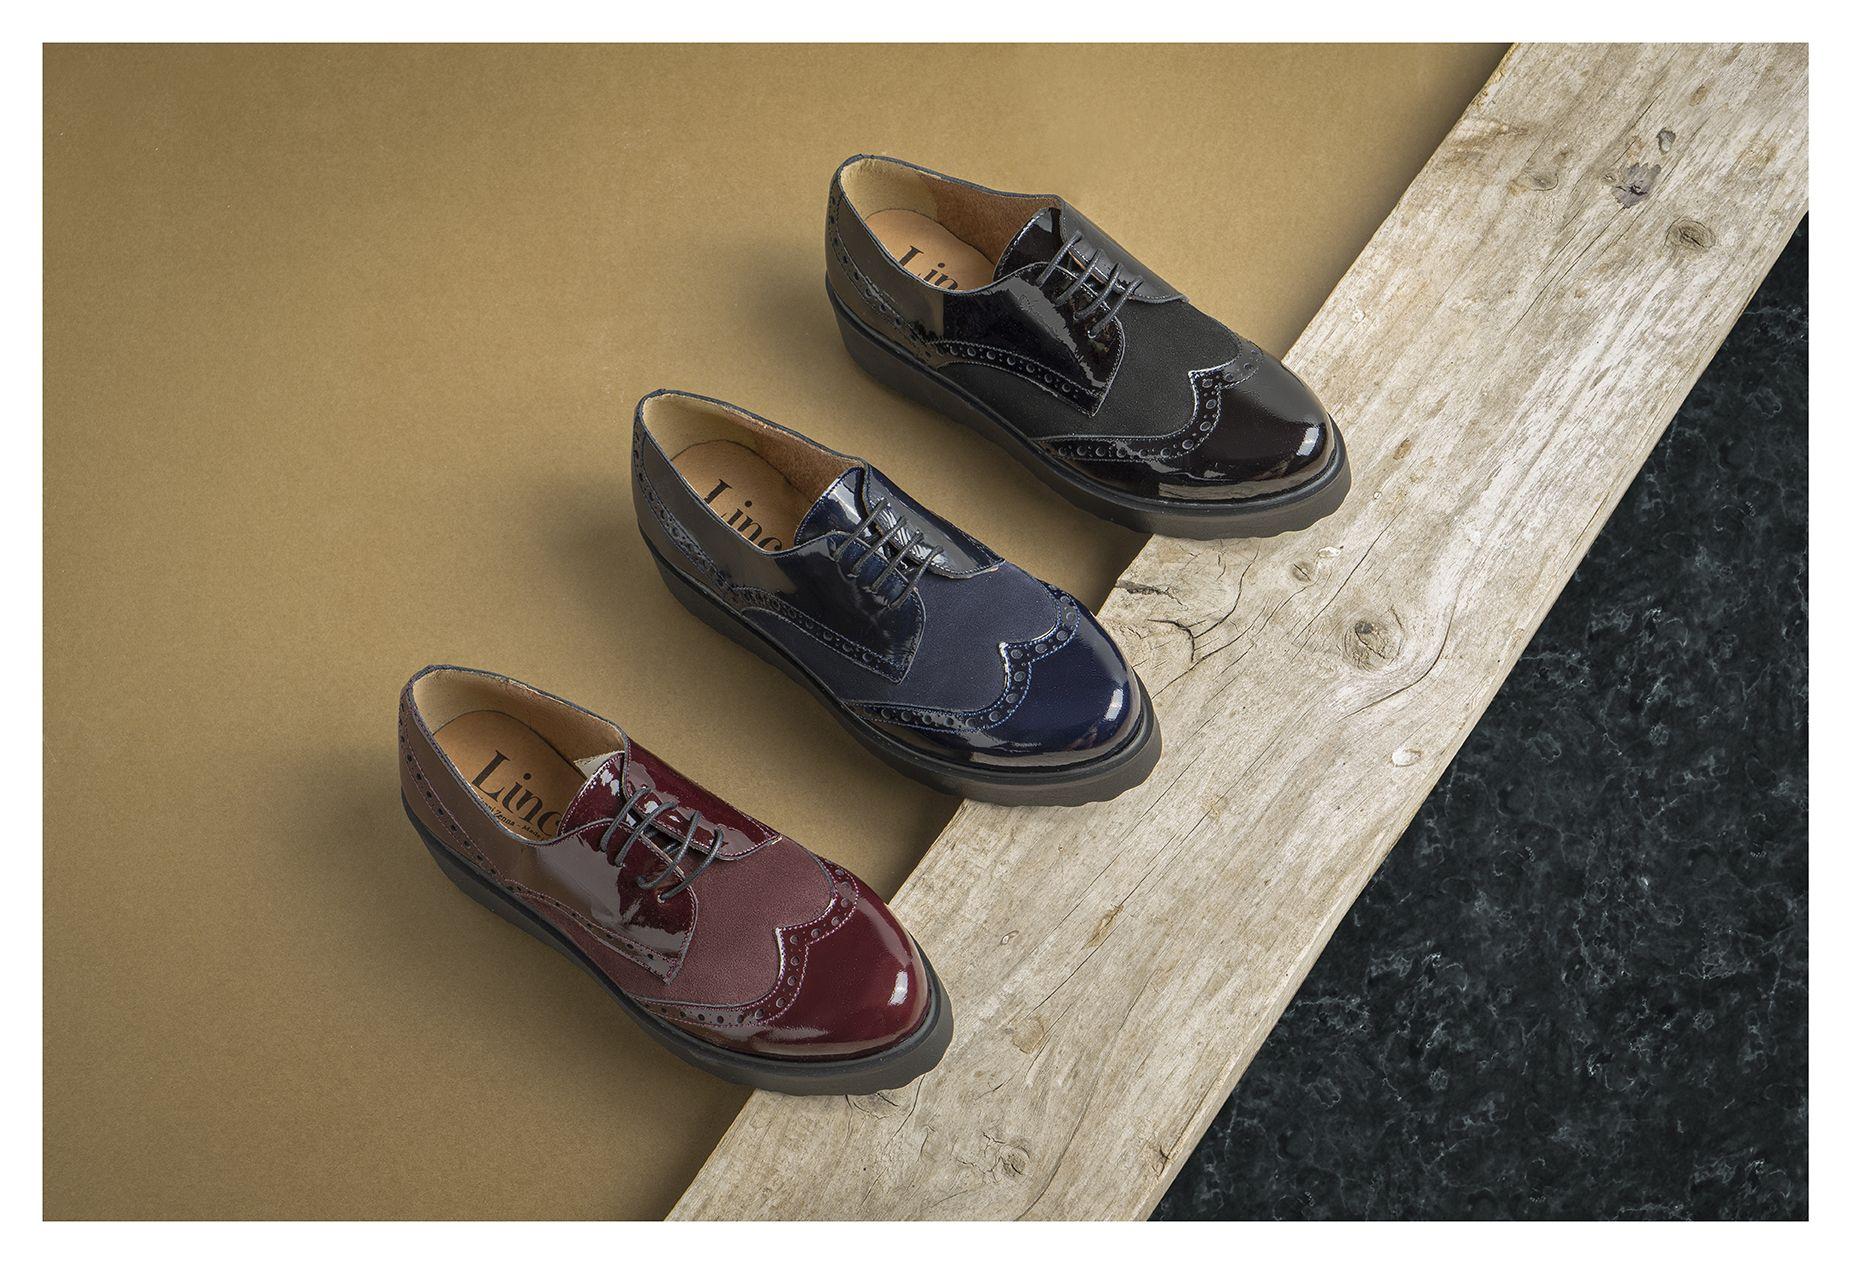 Nueva Colección Otoño Invierno 2015 16 Calzado Hecho En España Lince Linceshoes Madeinspain Zapatos Mujer Calzas Otoño Invierno 2015